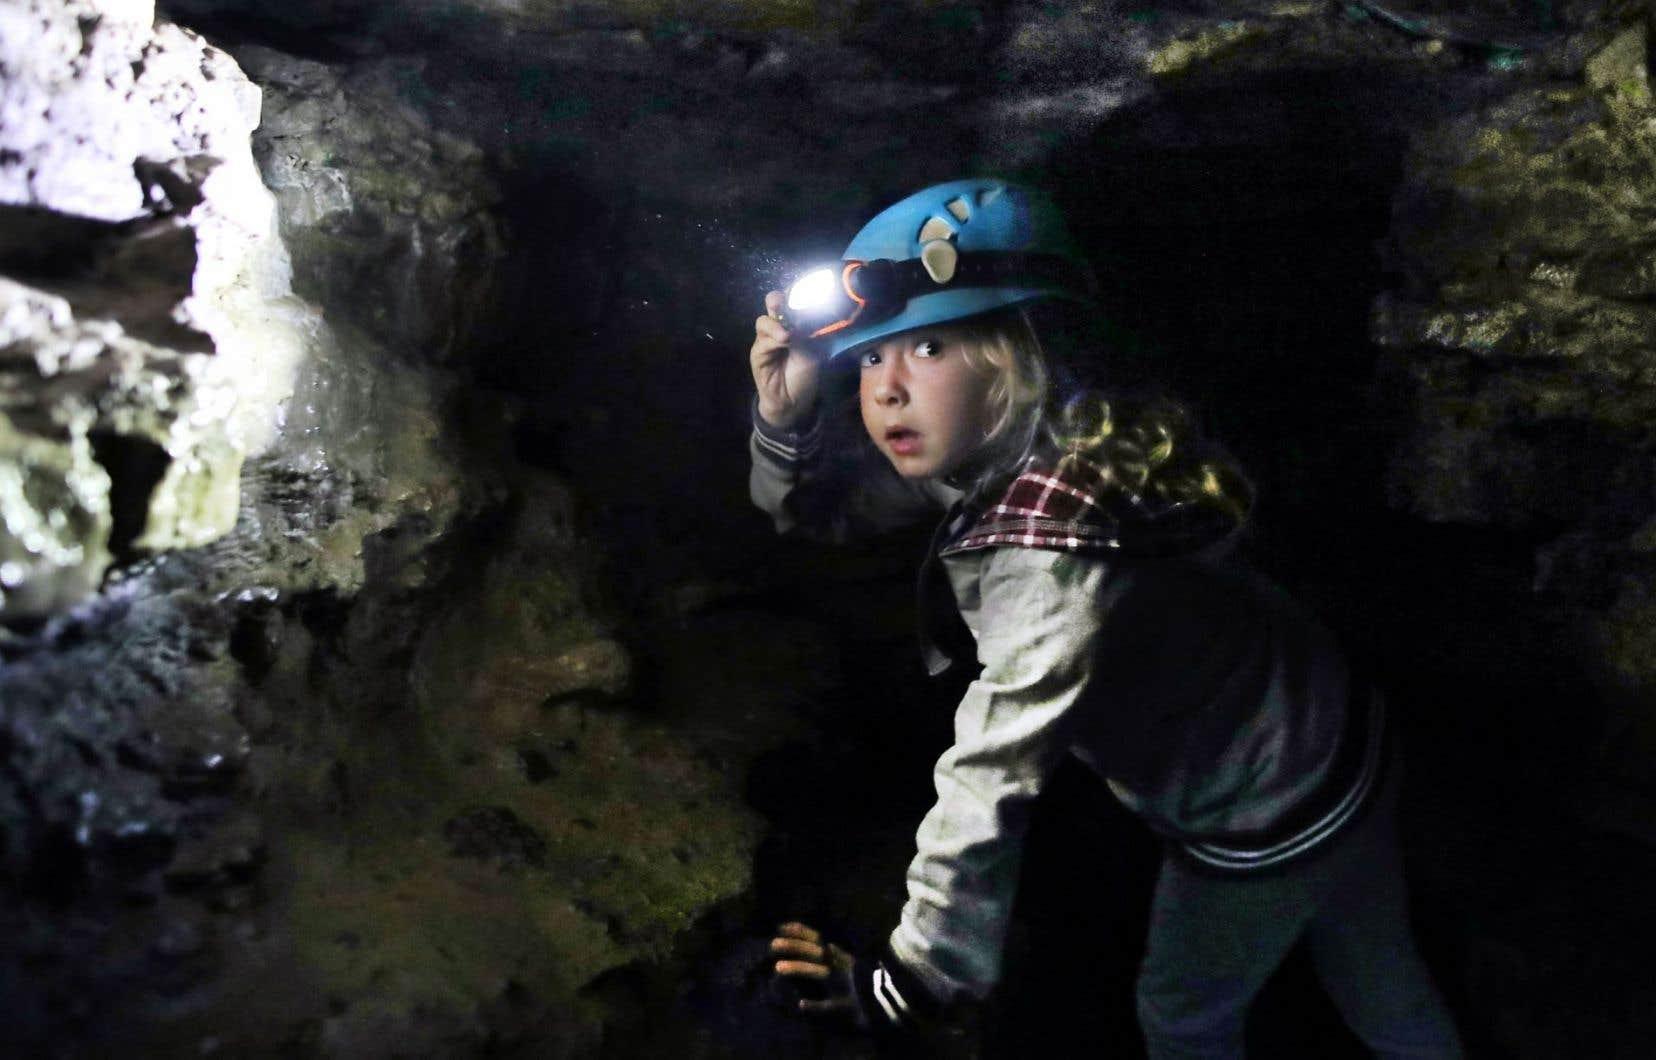 La petite Magaly Giguère, inscrite au camp de jour du Garage à musique, explore la caverne de Saint-Léonard.